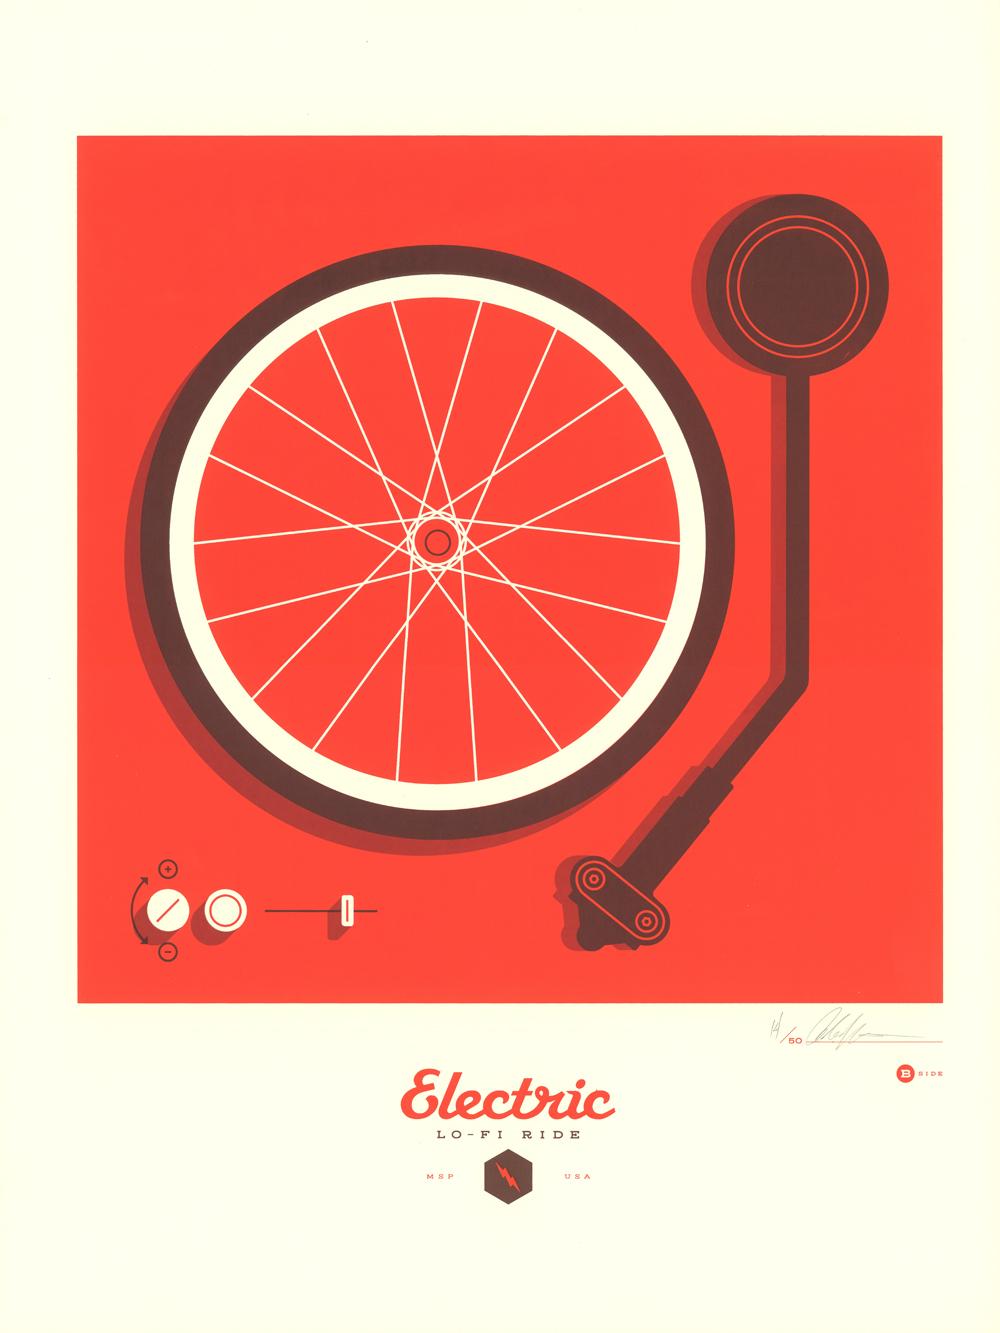 Electric Lo-Fi Ride